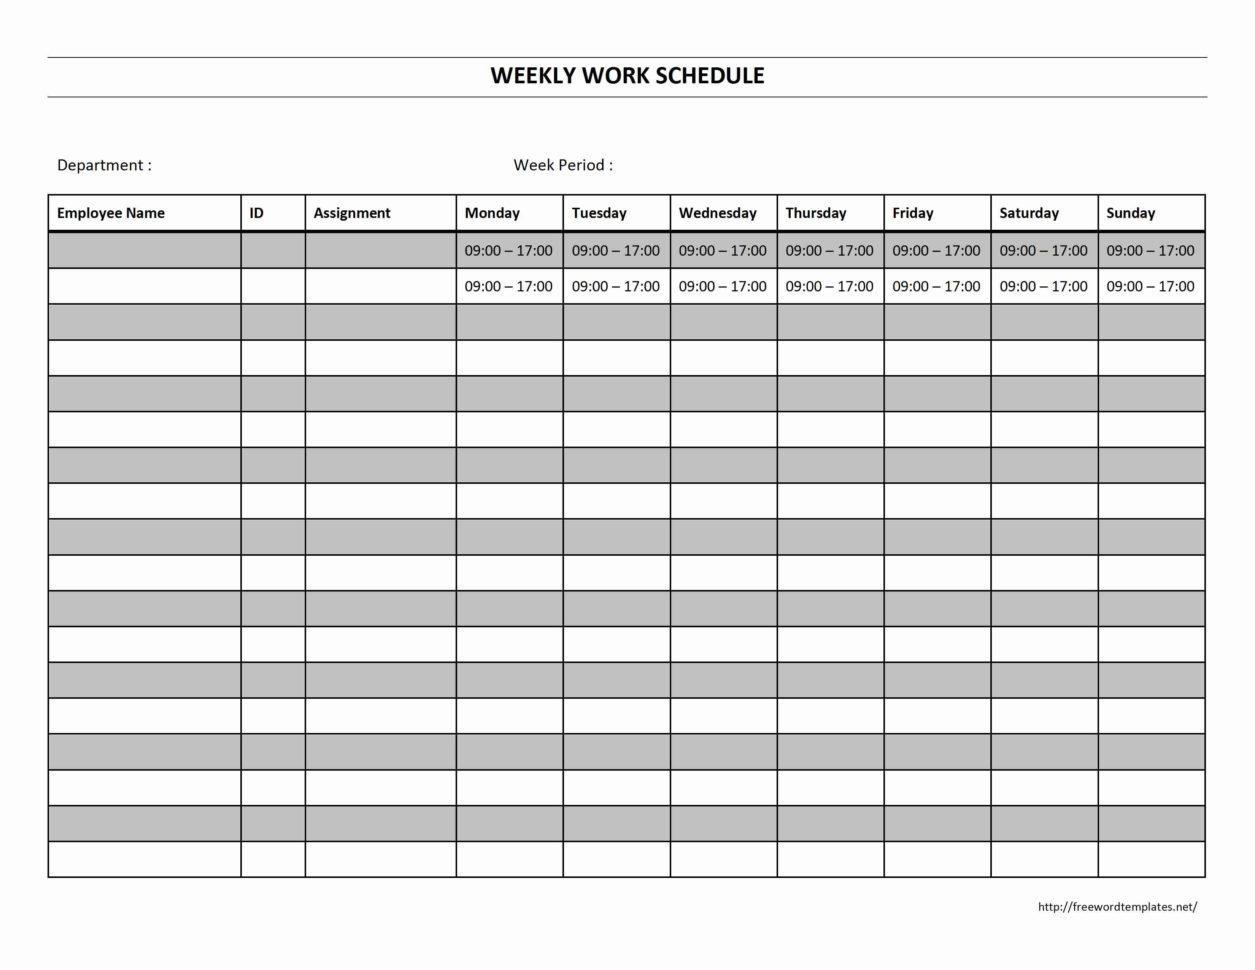 Spreadsheet Work Schedule Template Within Printable Employee Work Schedule Template And Employee Work Schedule